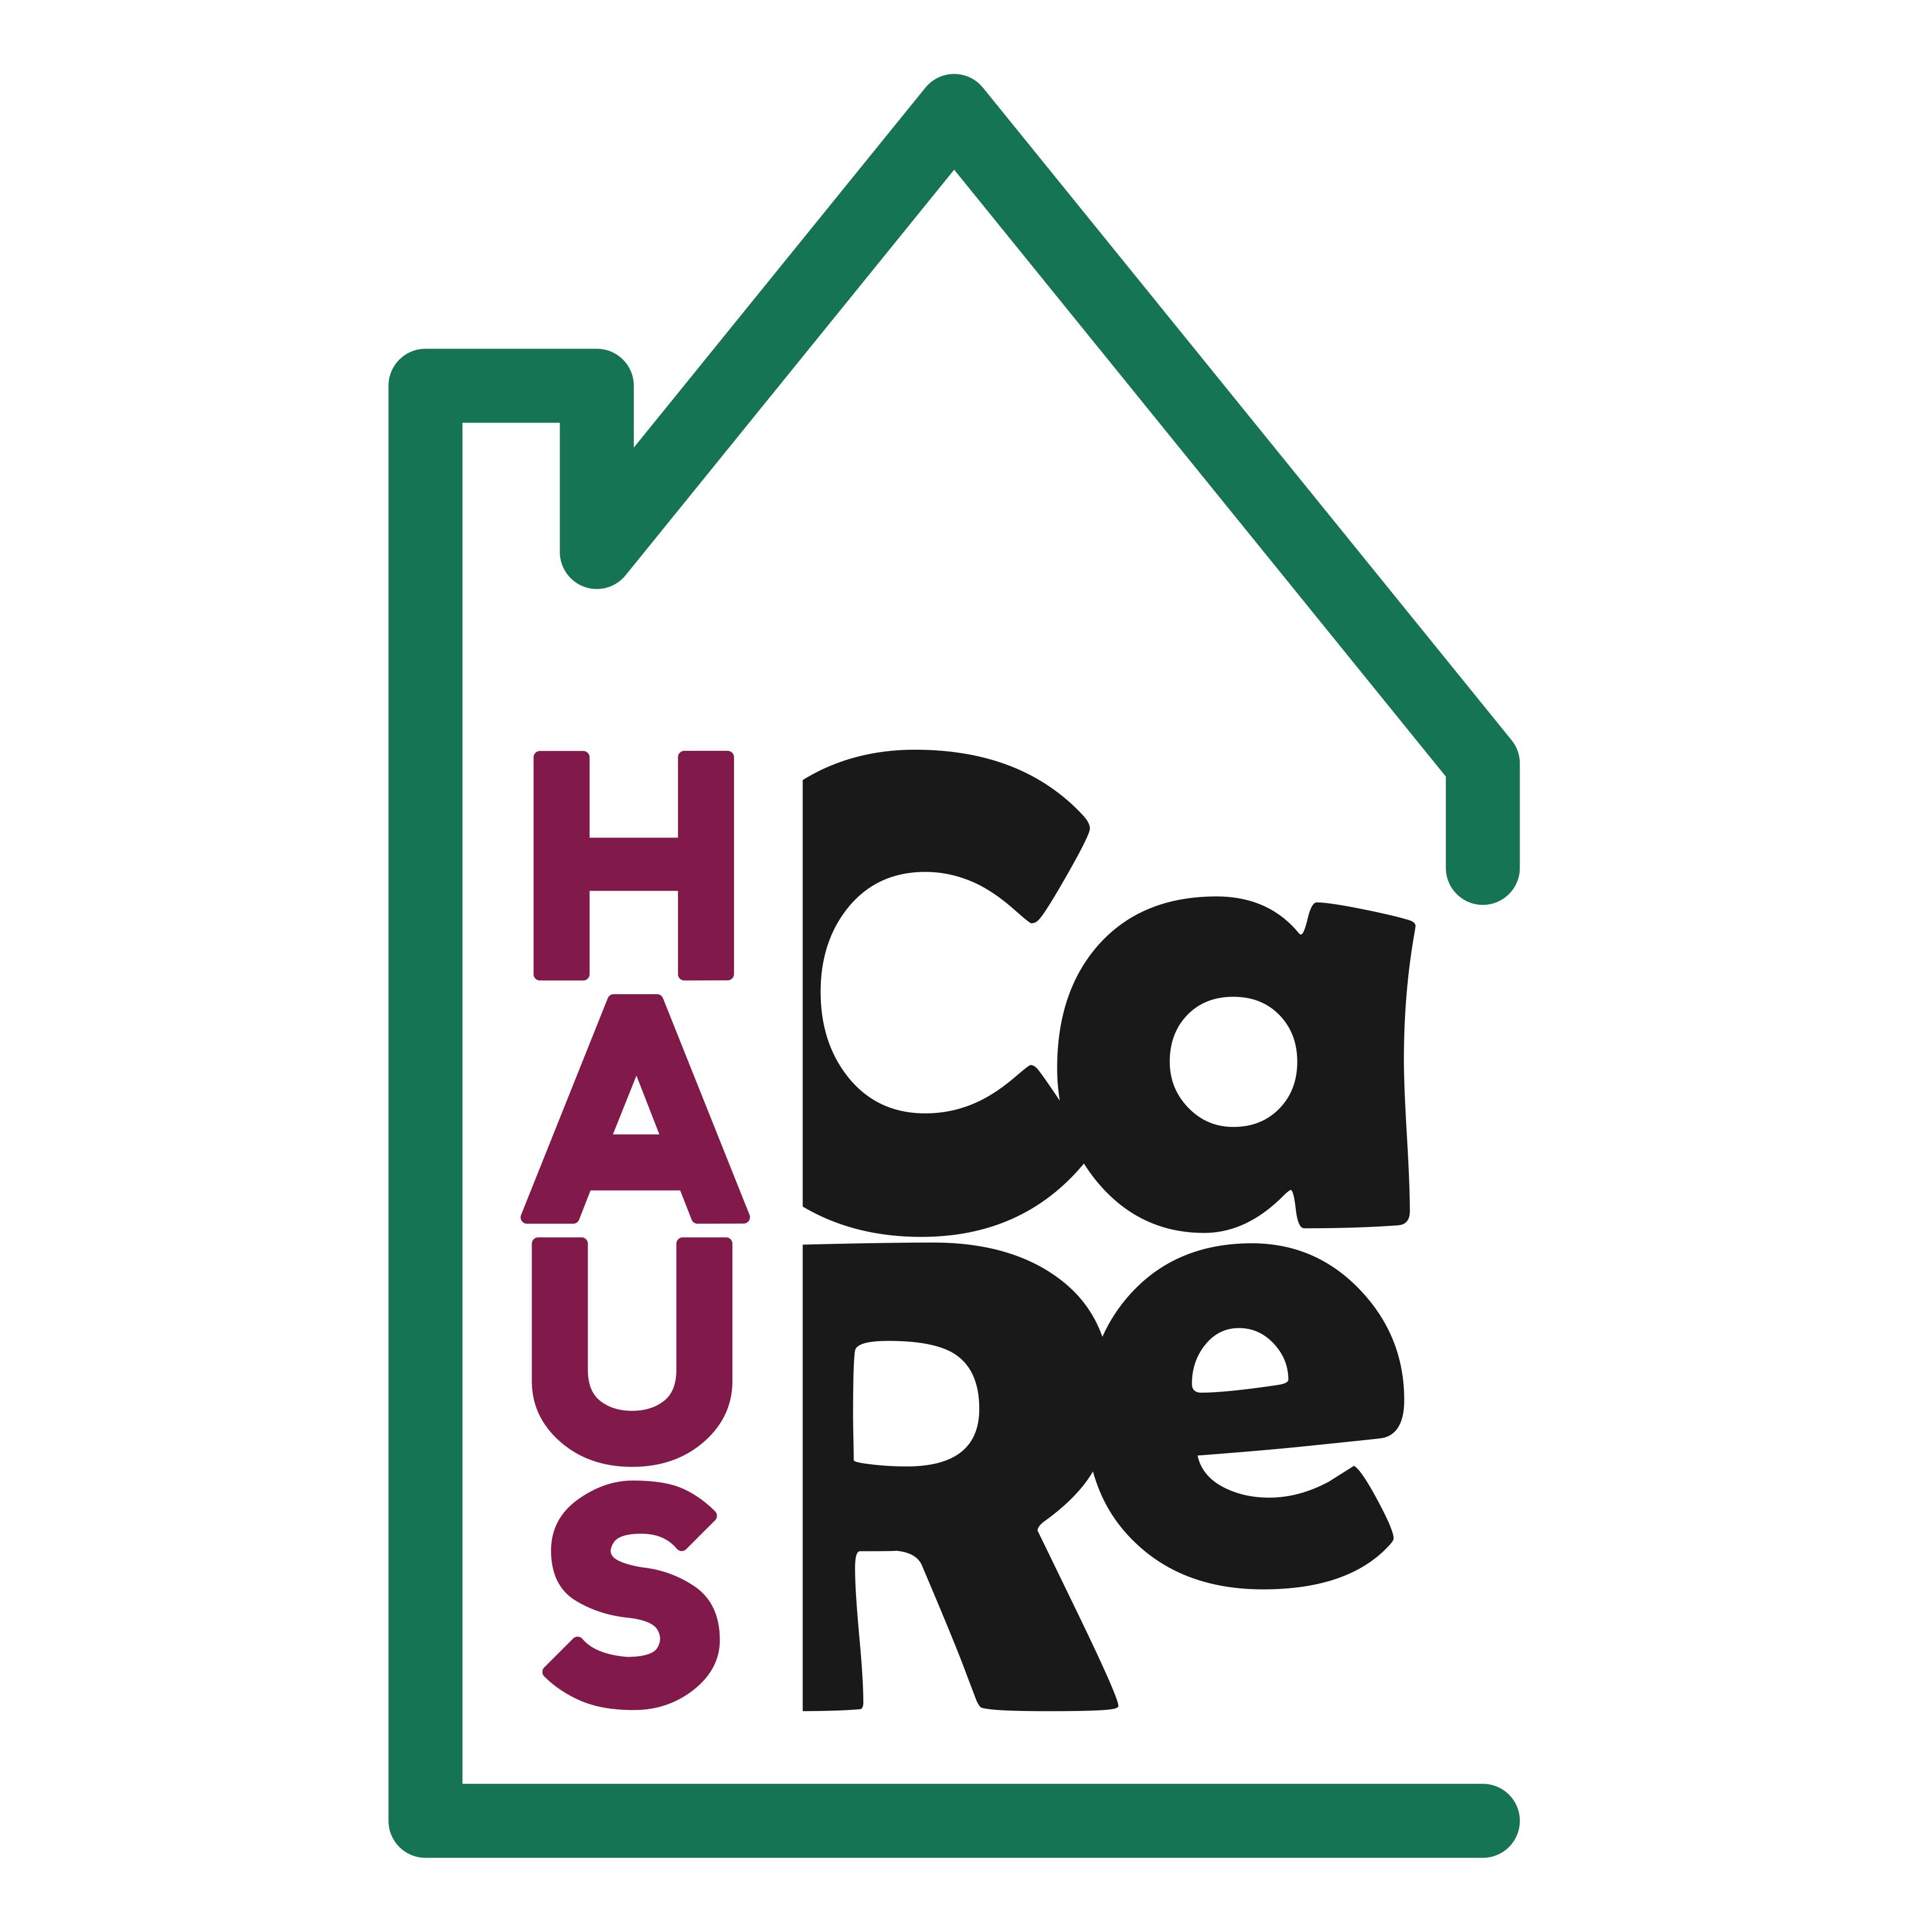 logo Haus-Care